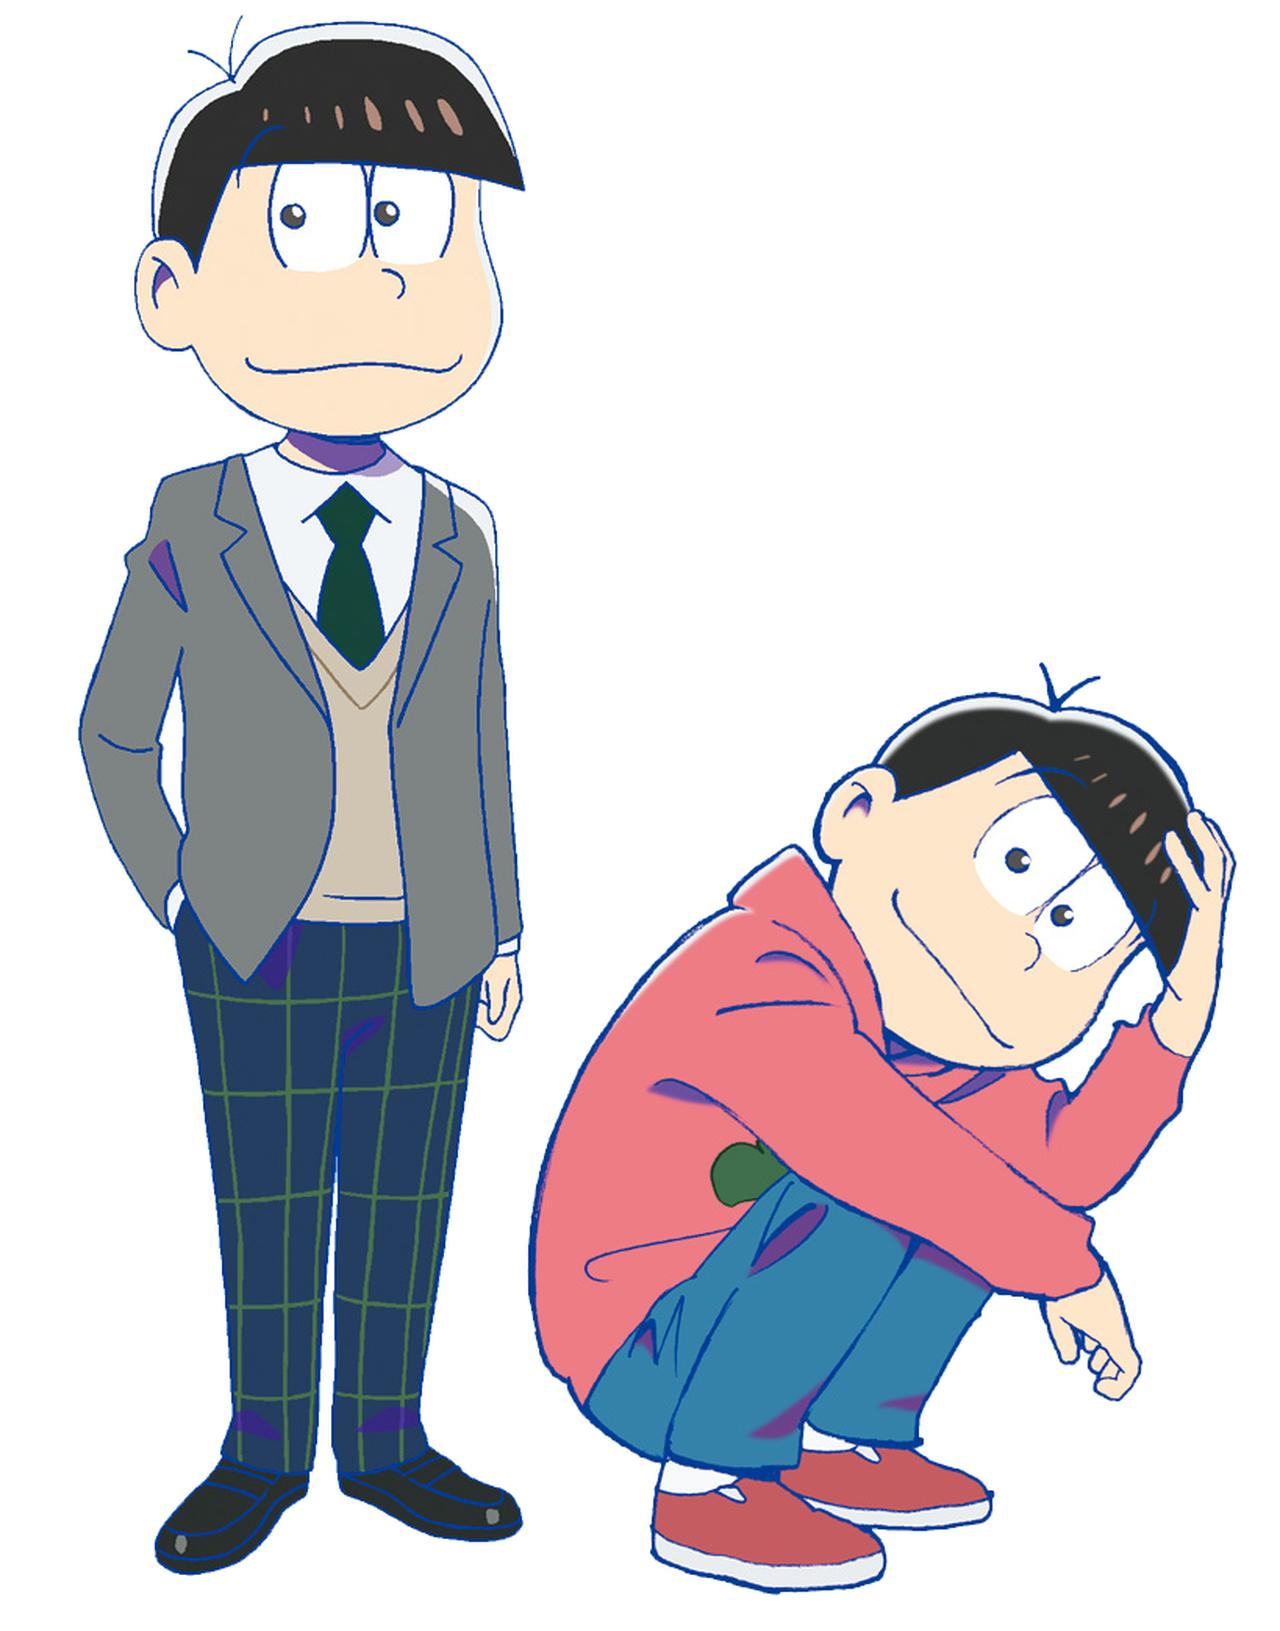 画像5: 3/15公開「えいがのおそ松さん」6つ子が劇場版になって帰ってくる!